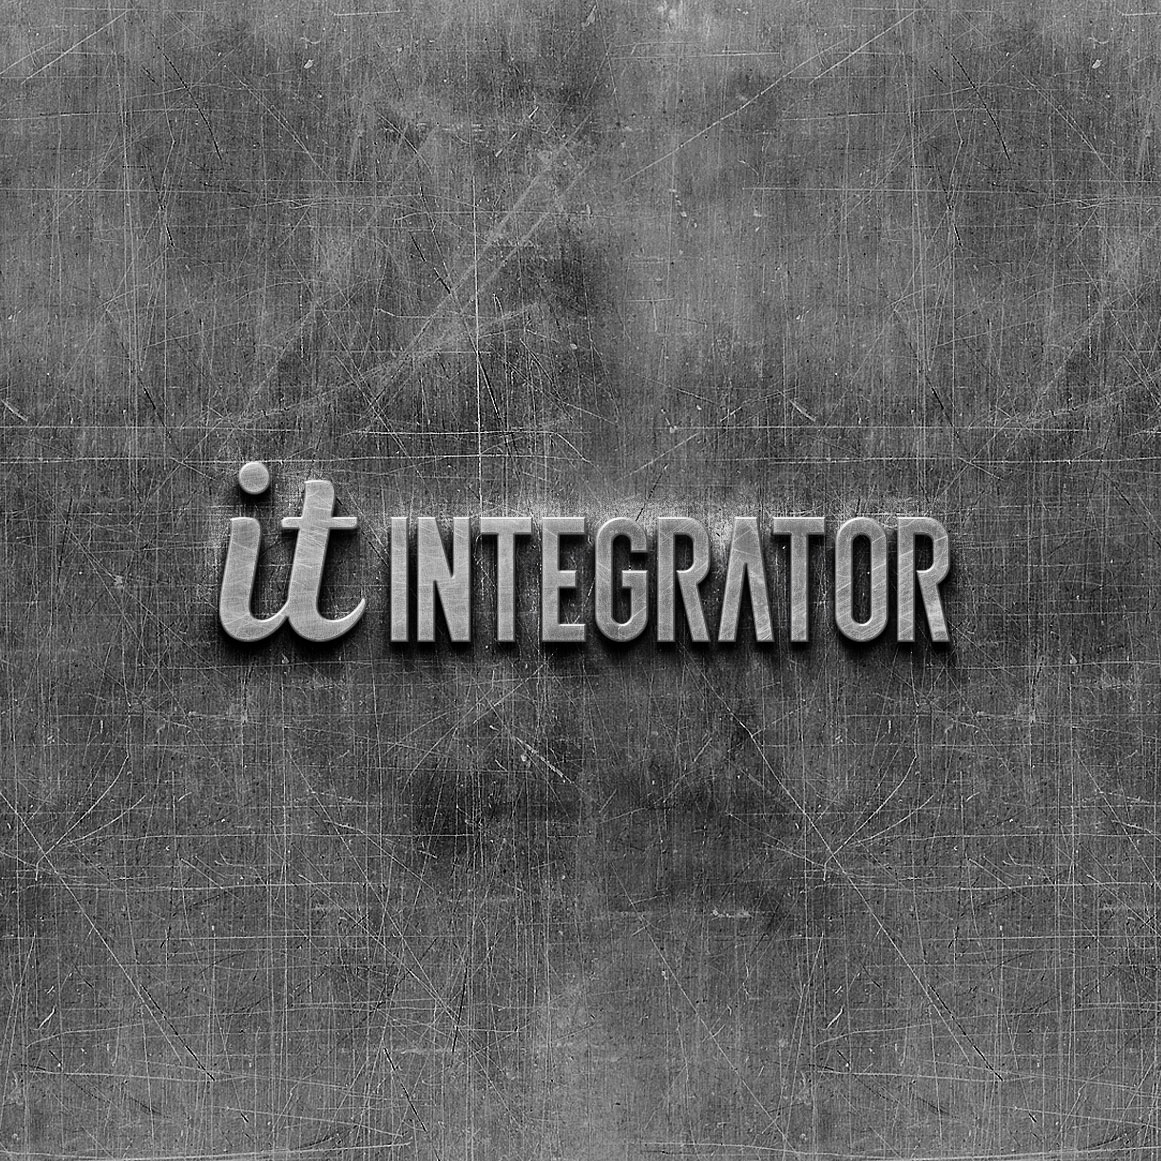 Логотип для IT интегратора фото f_292614c5d0da870a.jpg